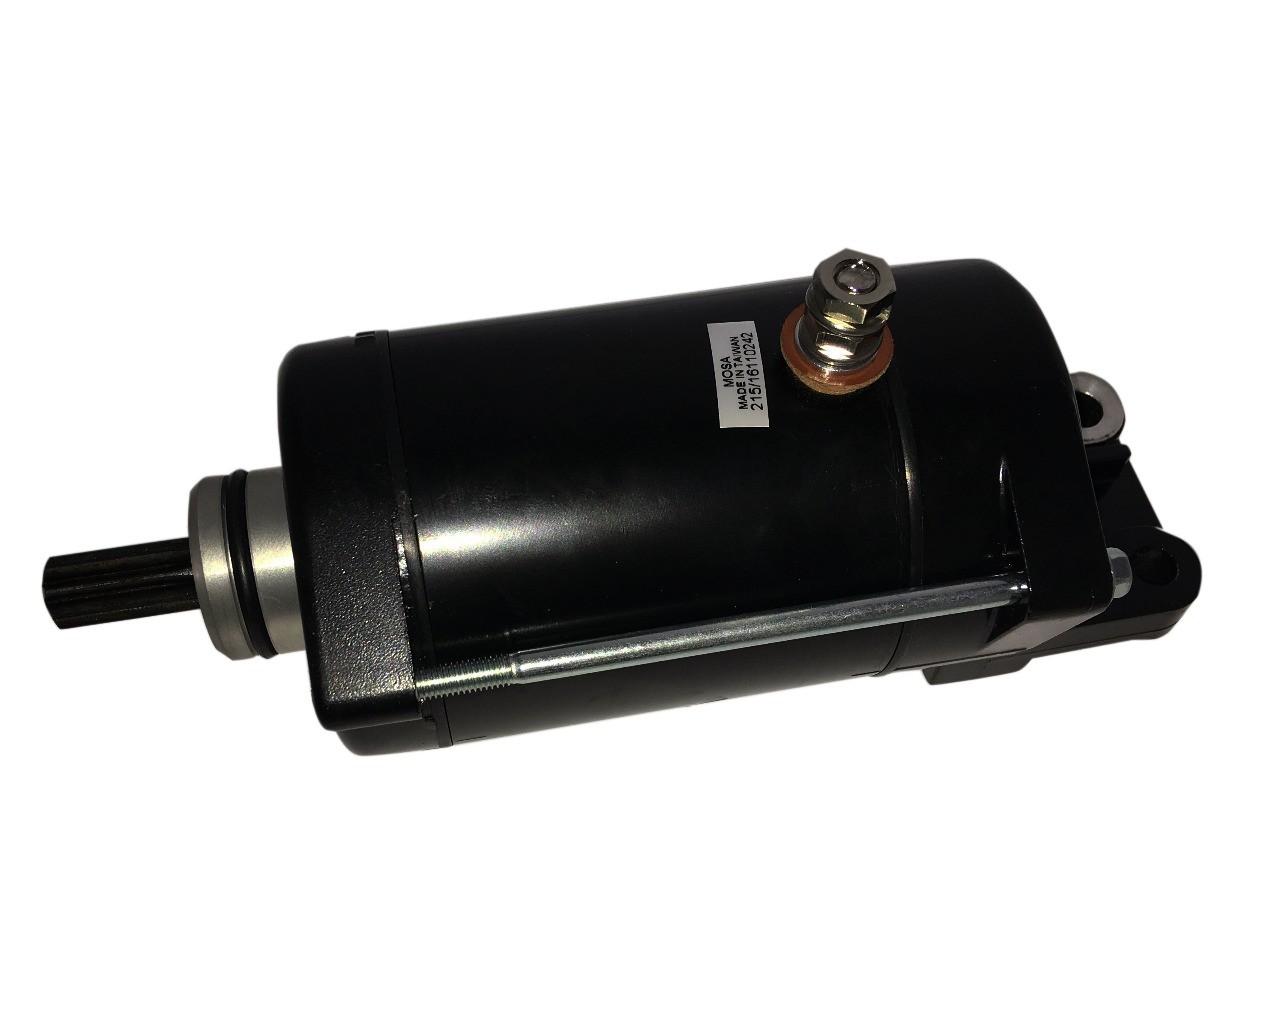 Motor de Partida para Jet Ski Yamaha VX 110 4 Tec Nacional+  - Radical Peças - Peças para Jet Ski